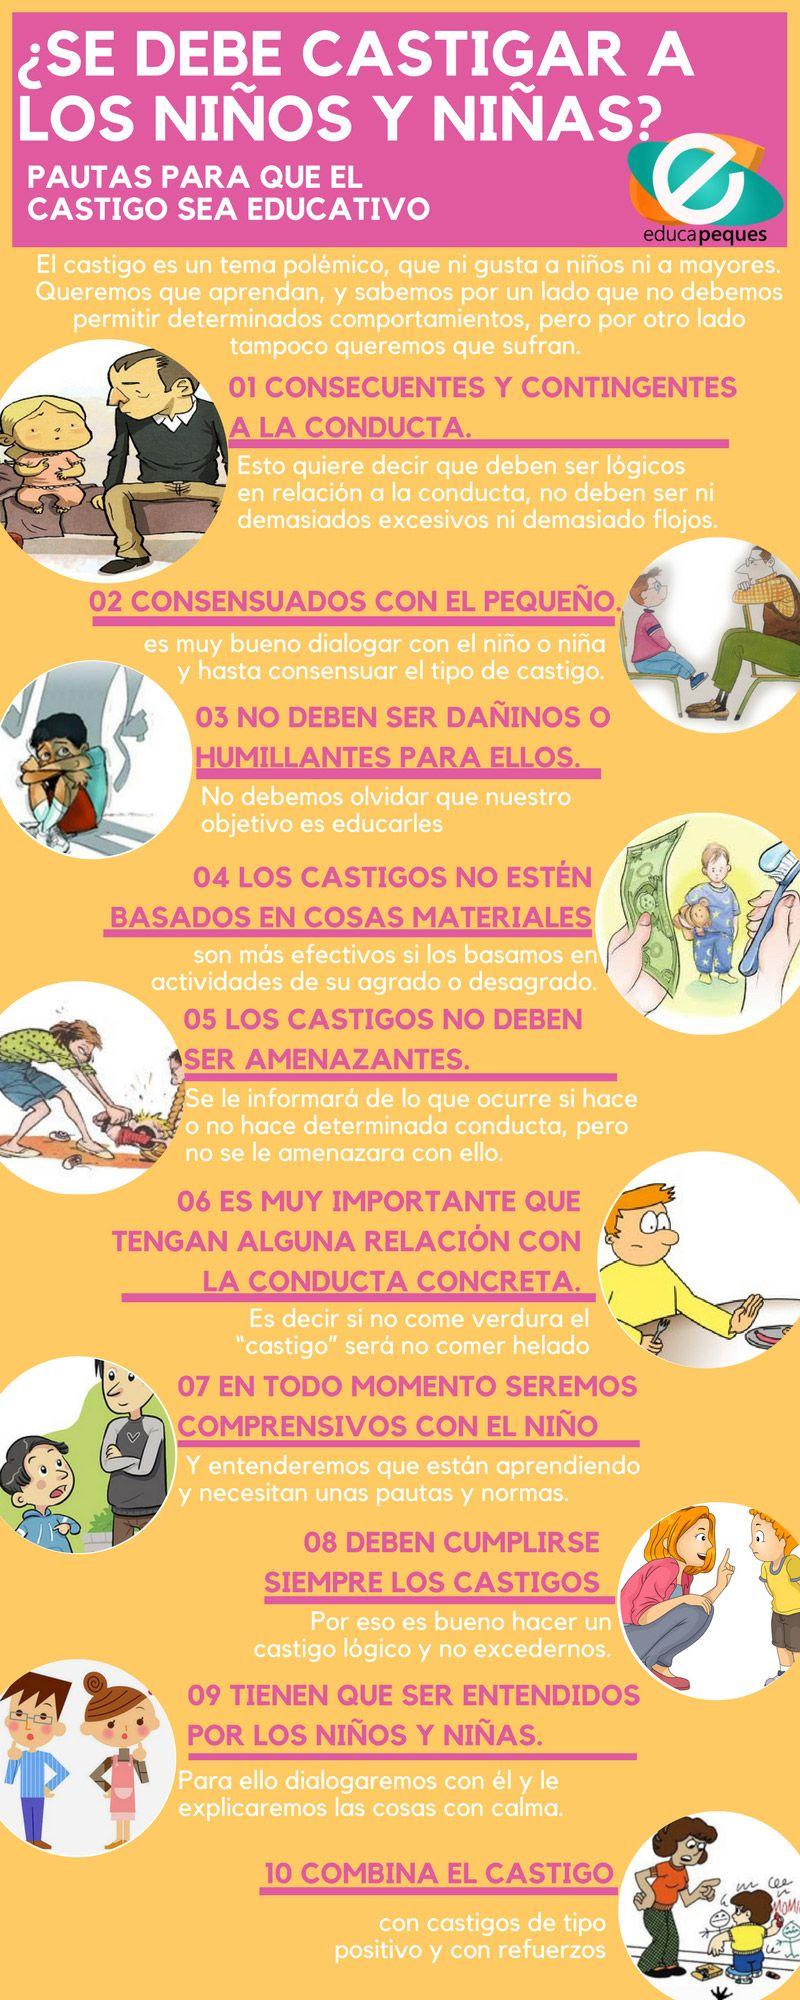 Imágenes Educativas Infografías Para Educación Castigos Para Niños Pautas De Crianza Educacion Emocional Infantil